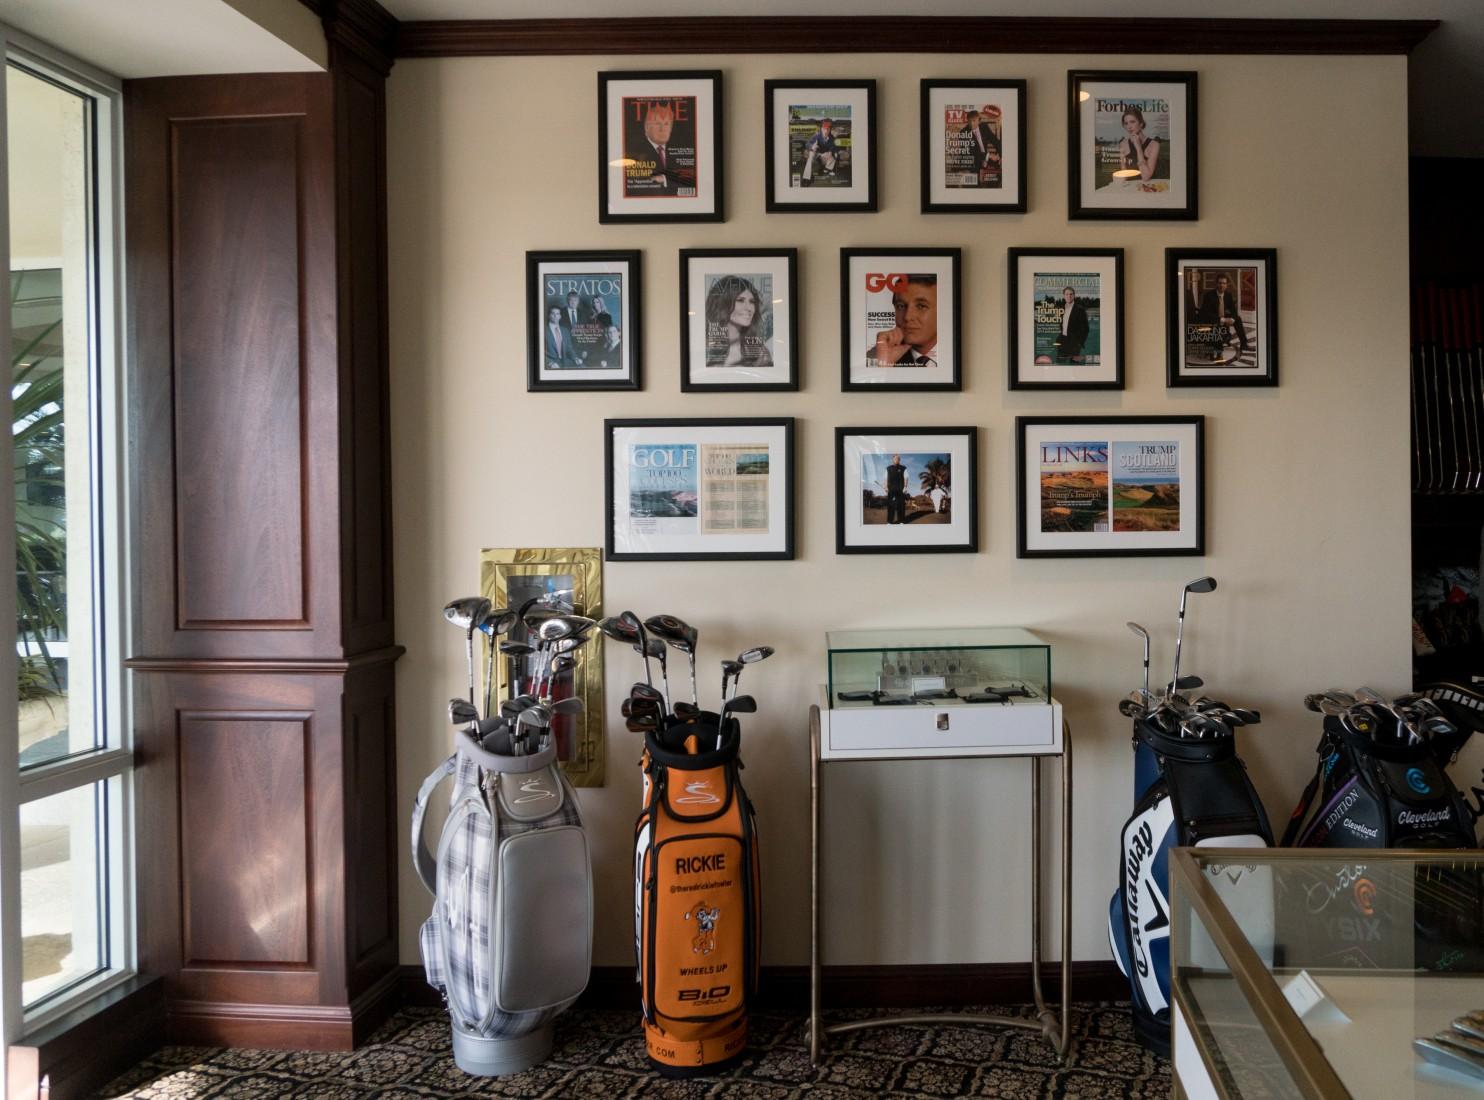 Стена с обложками журналов в одном из гольф-клубов Трампа. Фото: washingtonpost.com